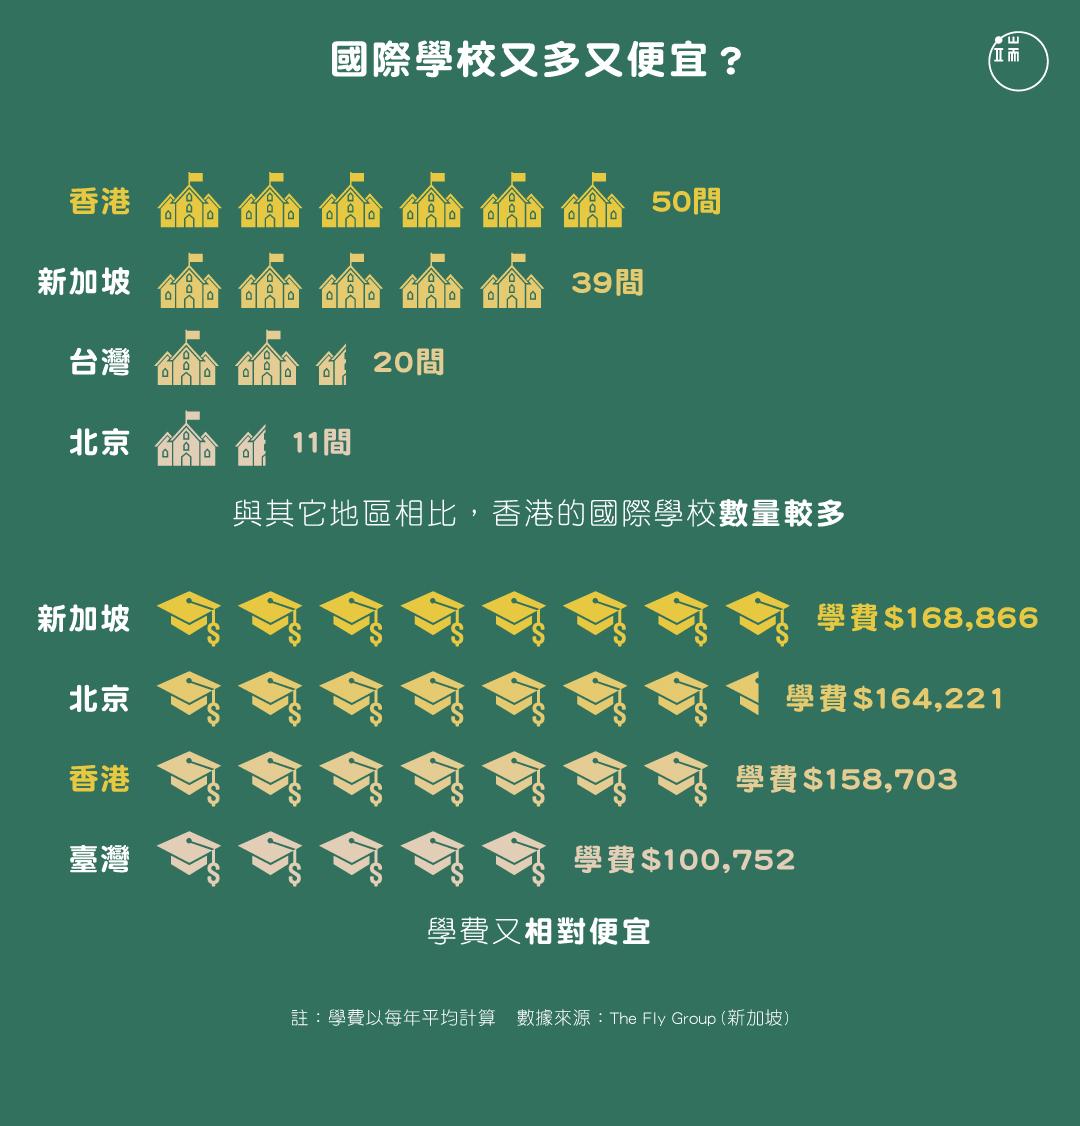 國際學校又多又便宜?圖:端傳媒設計部